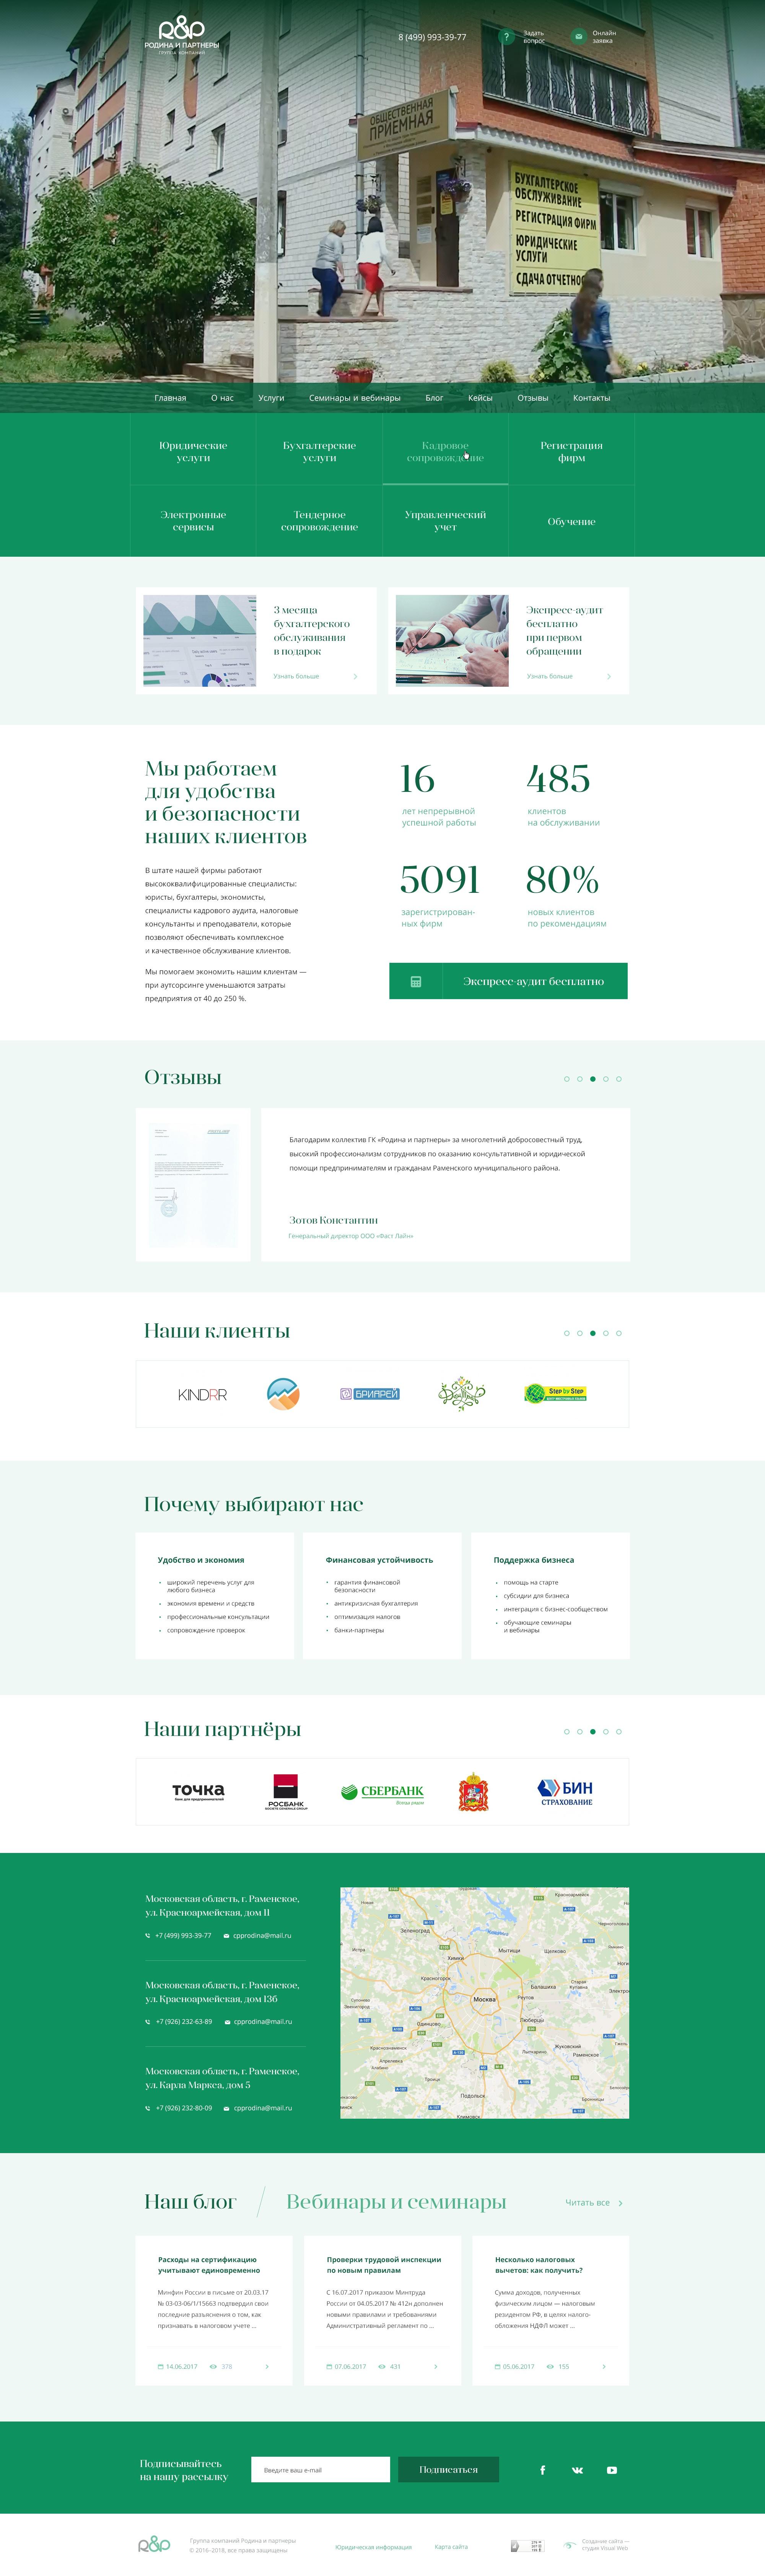 Создание сайта группы компаний Родина и партнёры